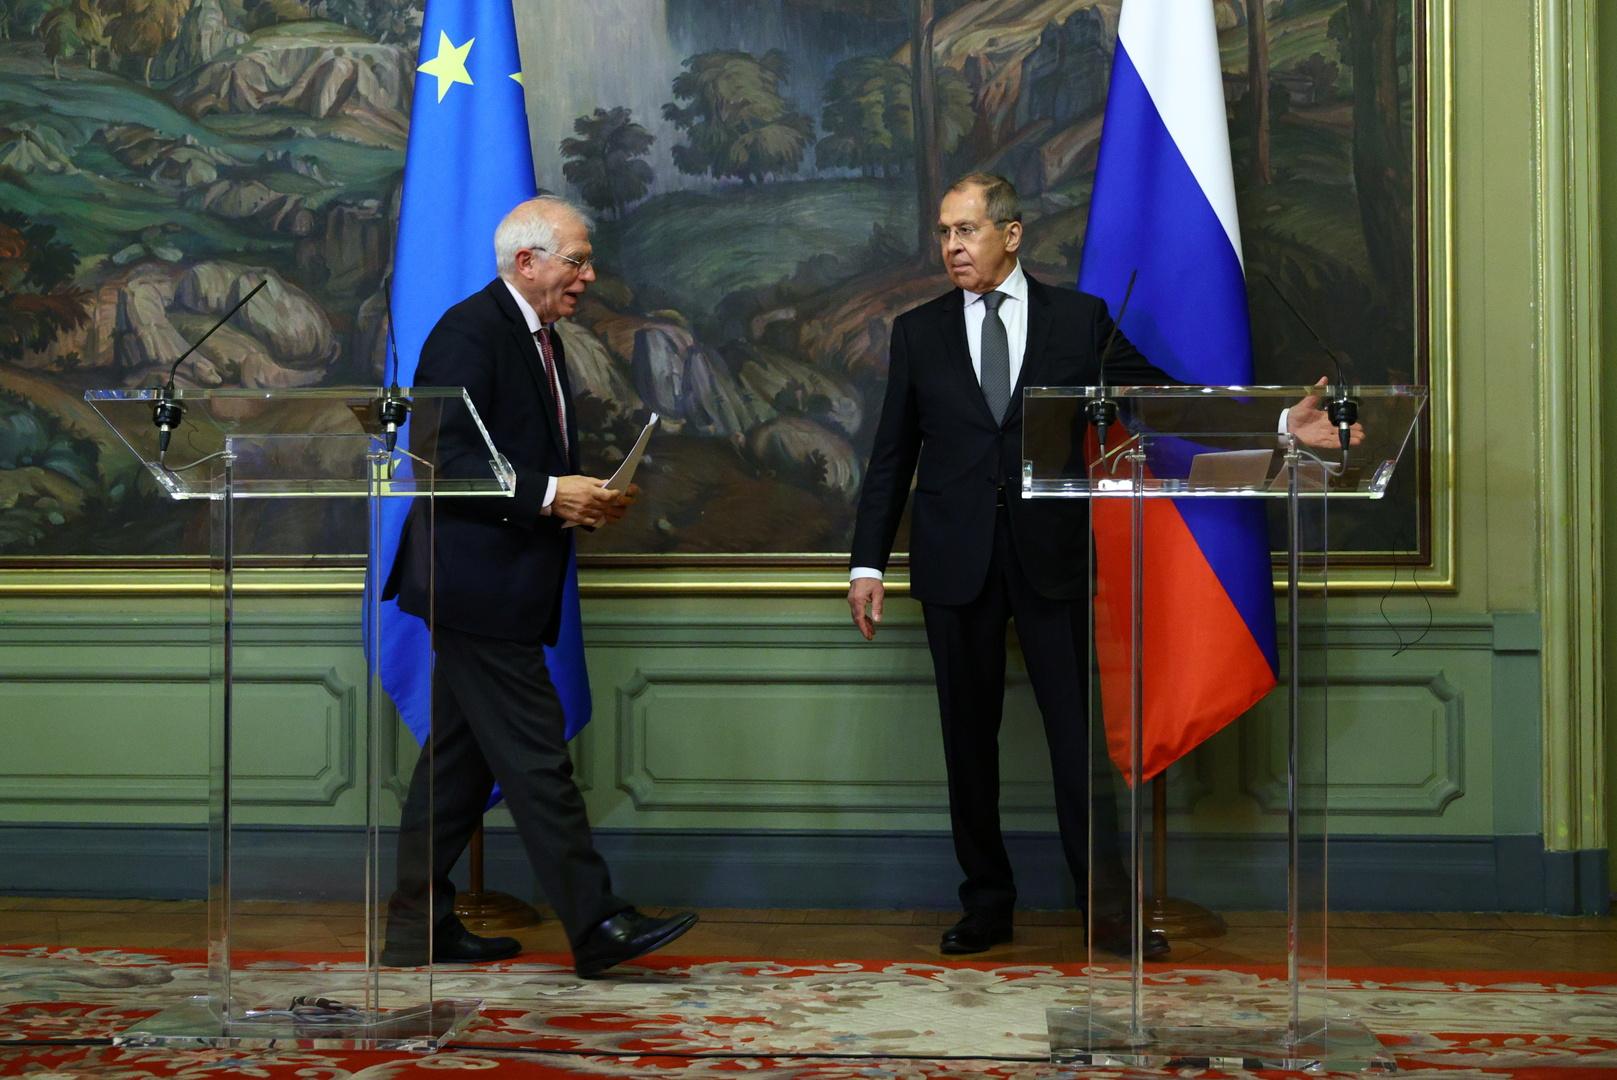 موسكو تختار أوروبا أخرى